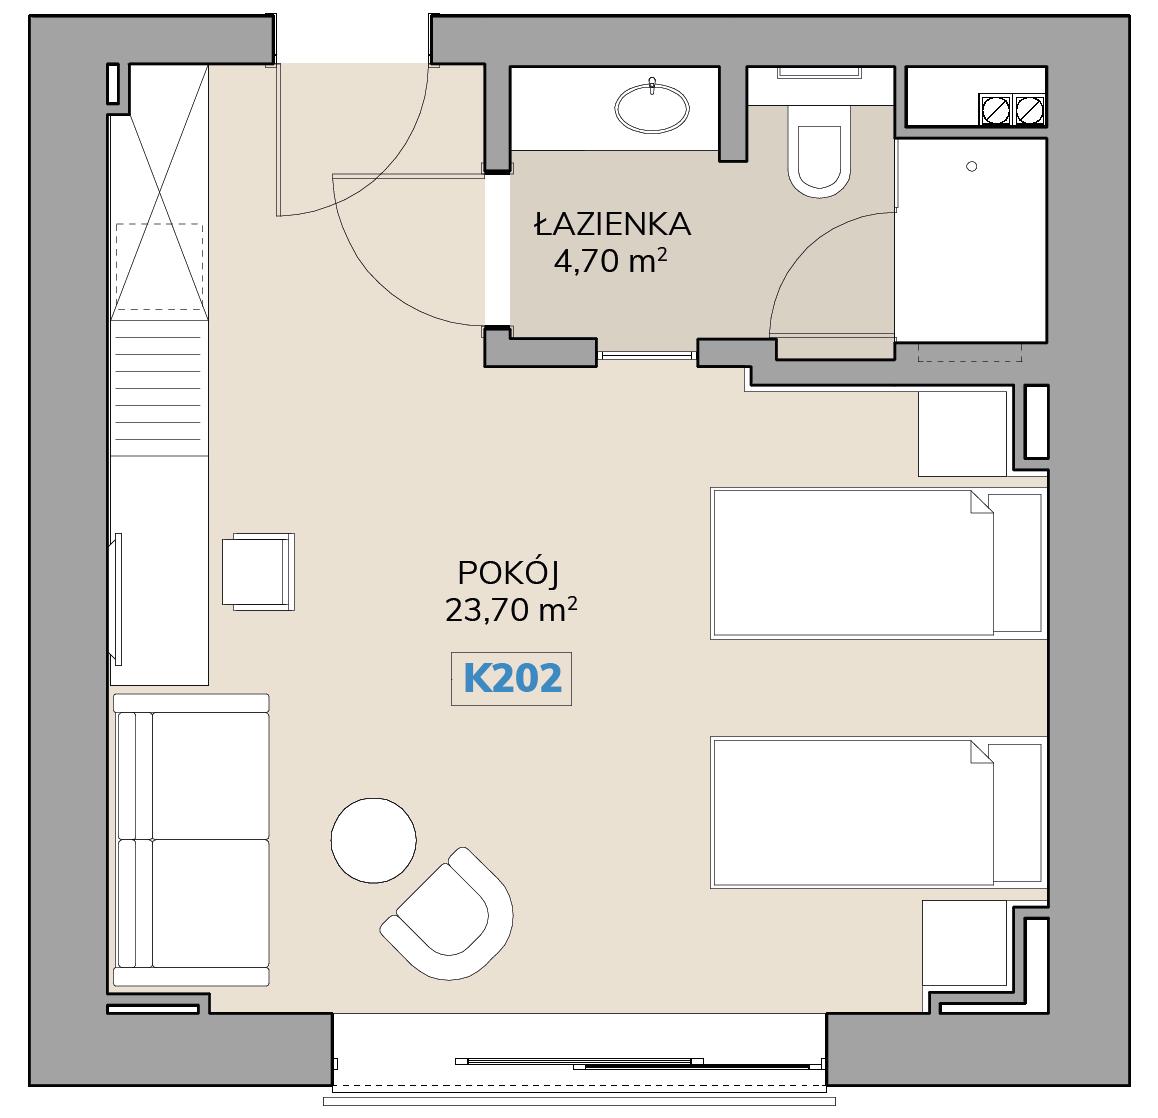 Apartament K202